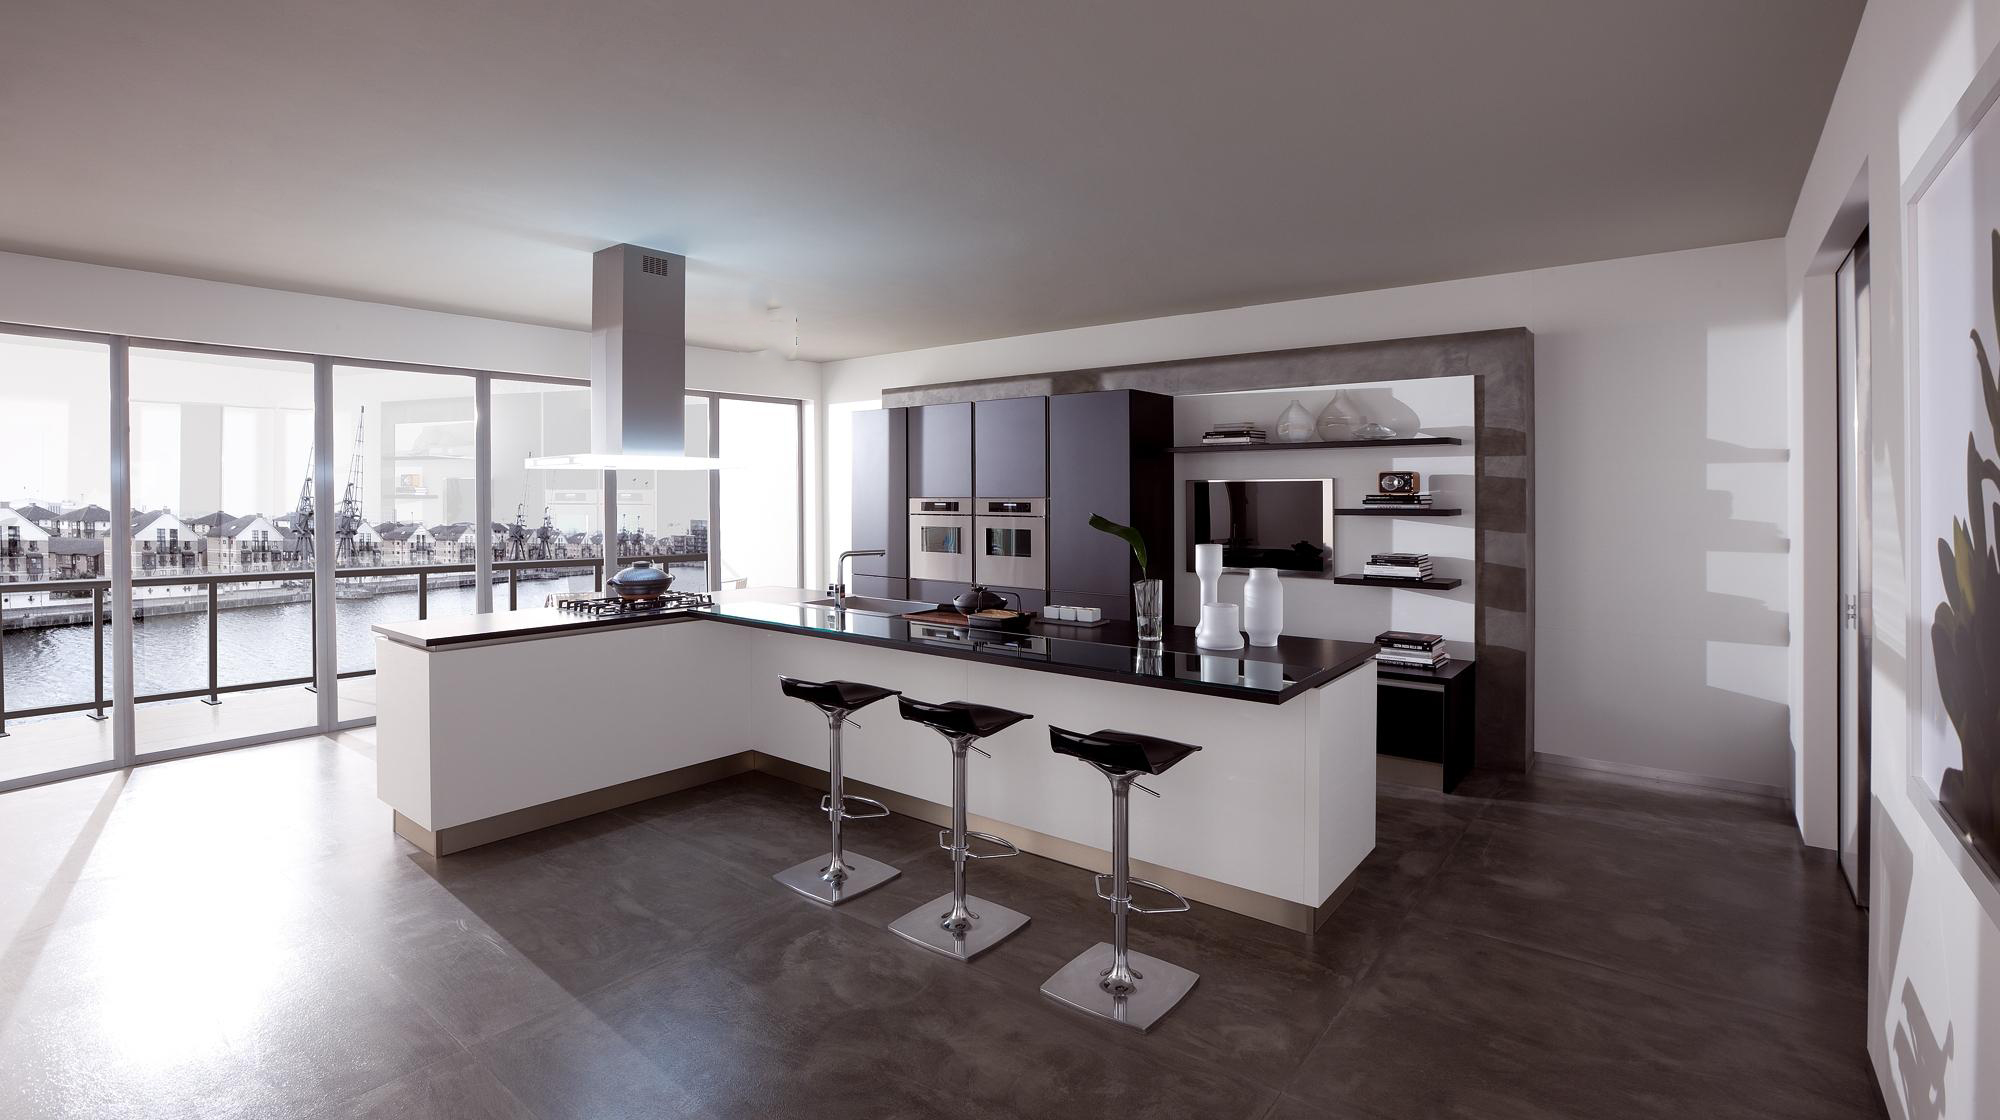 Cozinha moderna 574